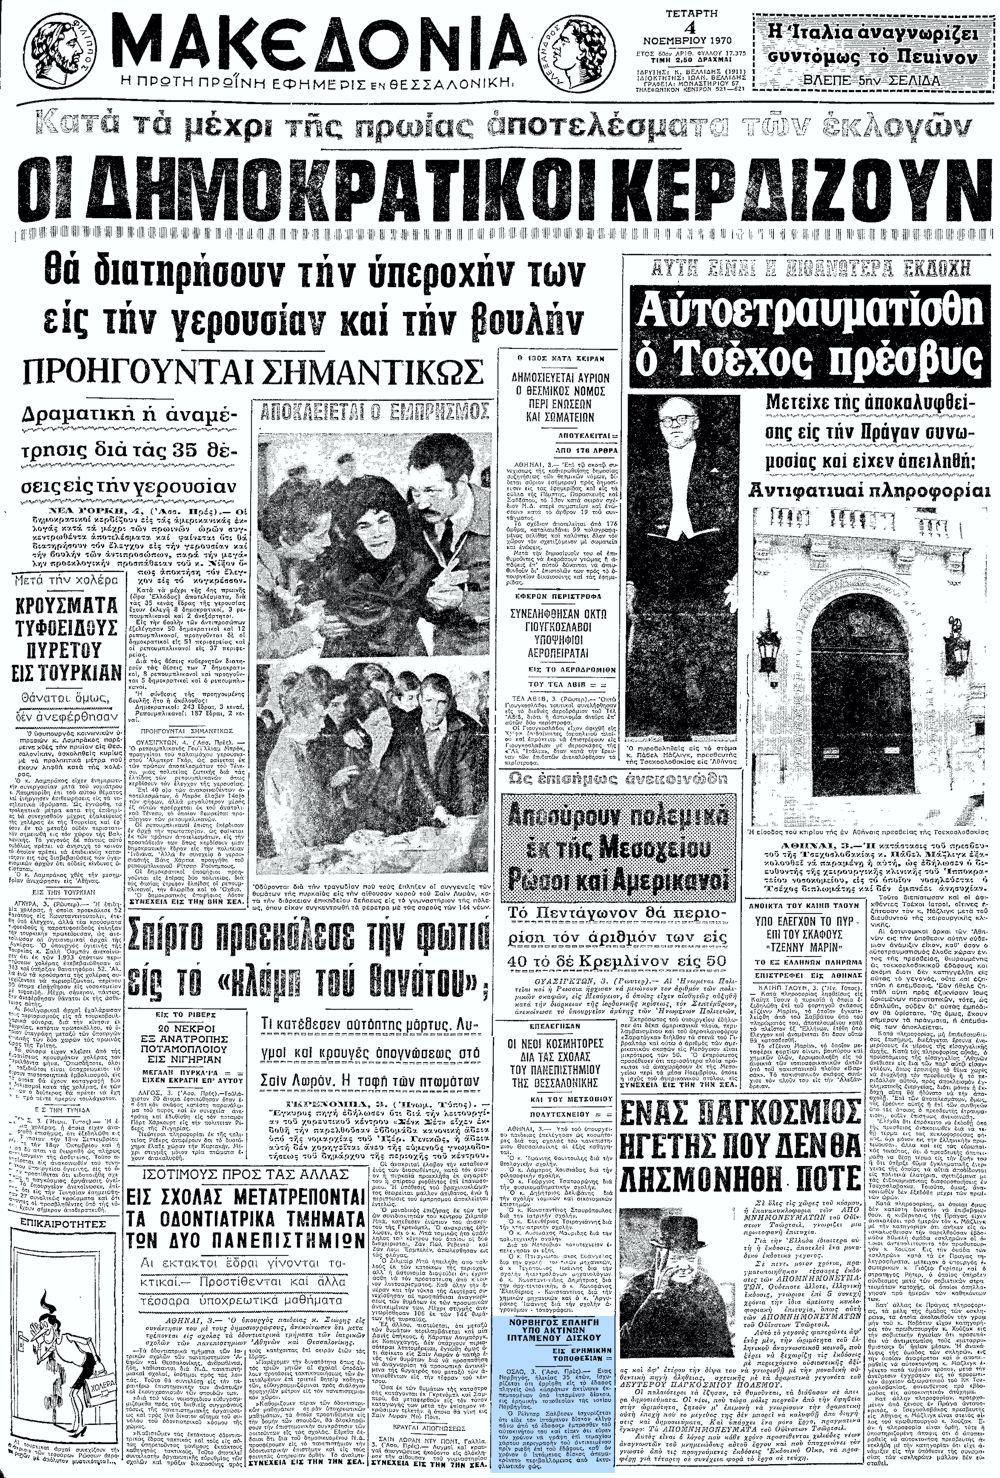 """Το άρθρο, όπως δημοσιεύθηκε στην εφημερίδα """"ΜΑΚΕΔΟΝΙΑ"""", στις 04/11/1970"""